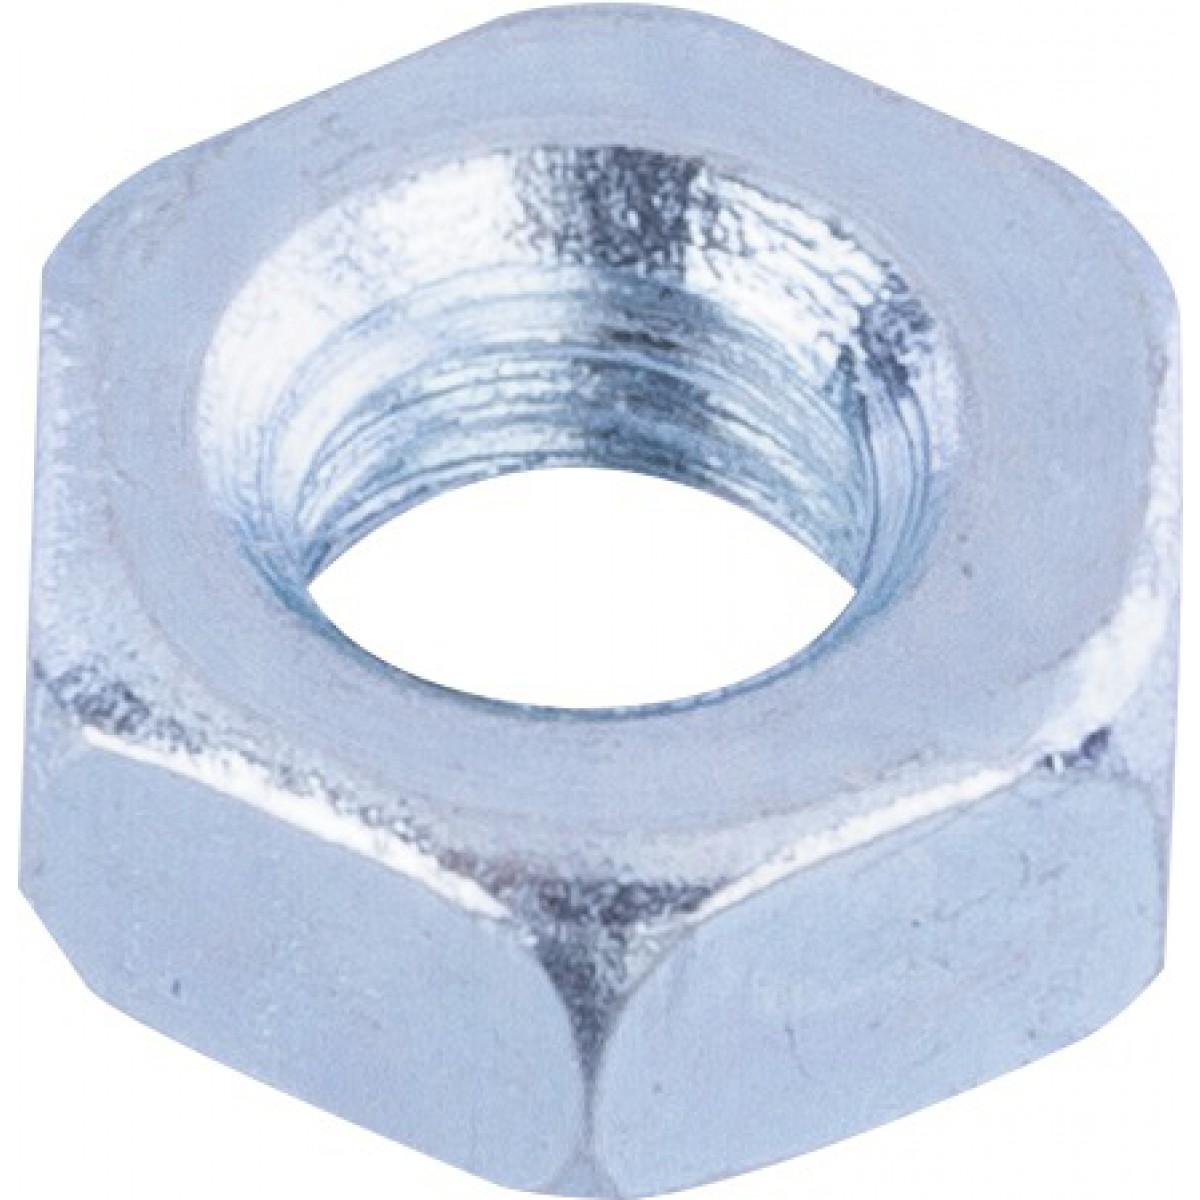 Ecrou hexagonal acier zingué  - Ø4mm - 500pces - Fixpro